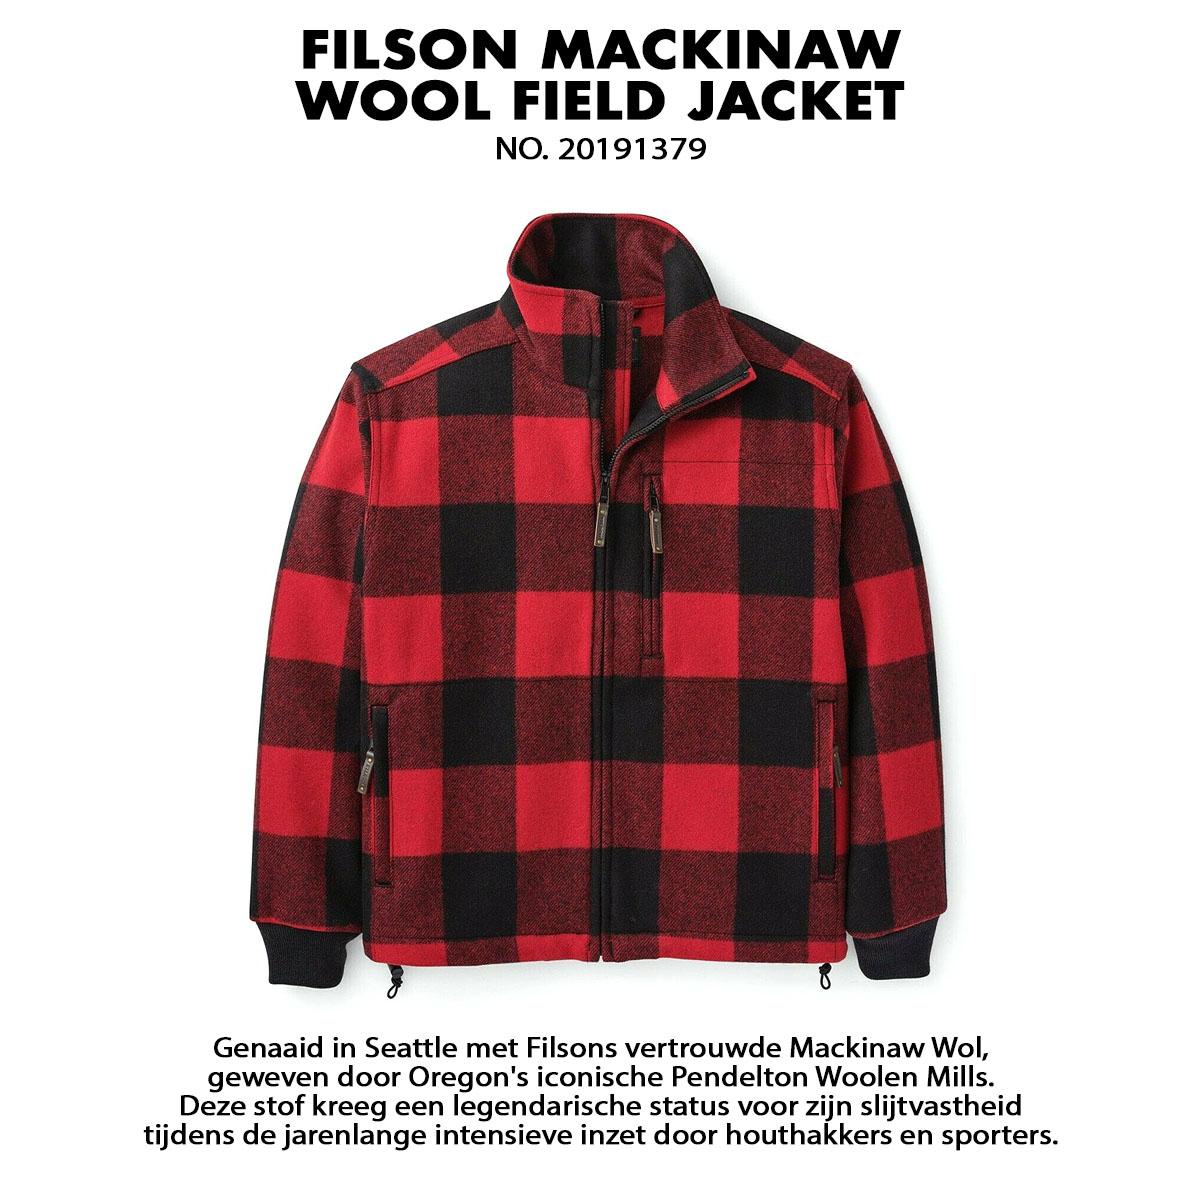 Filson Mackinaw Wool Field Jacket Red Black, gemaakt van 100% Mackinaw wol voor comfort, natuurlijke waterafstotendheid en isolerende warmte in alle weersomstandigheden.